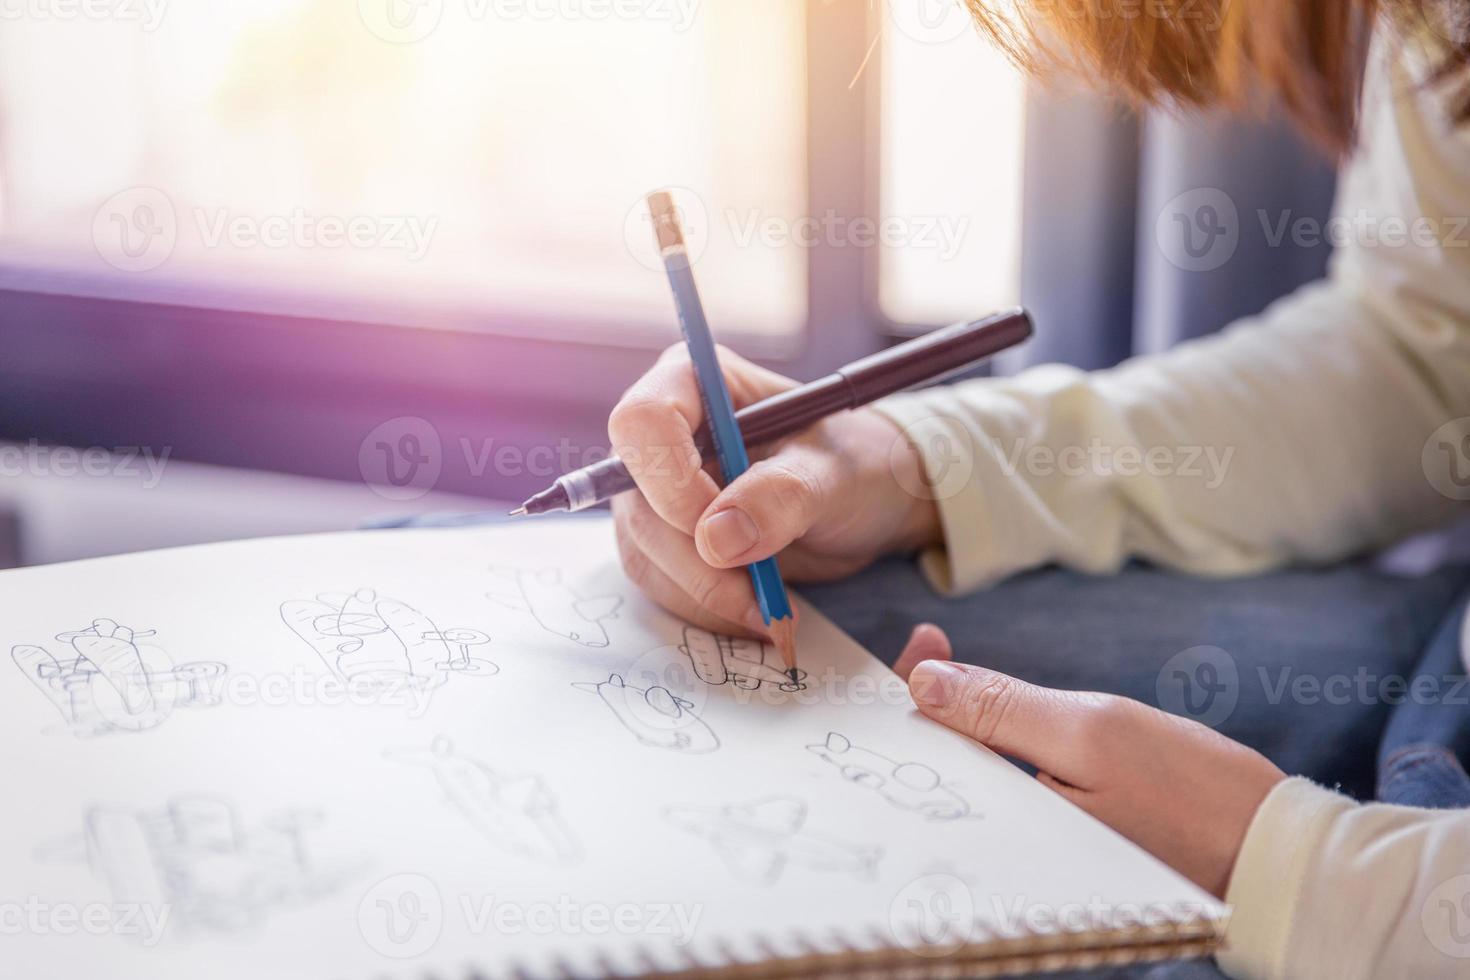 mujer realiza dibujos a mano alzada con bolígrafo y lápiz sobre papel blanco en un tono suave de luz cálida desde la ventana. foto